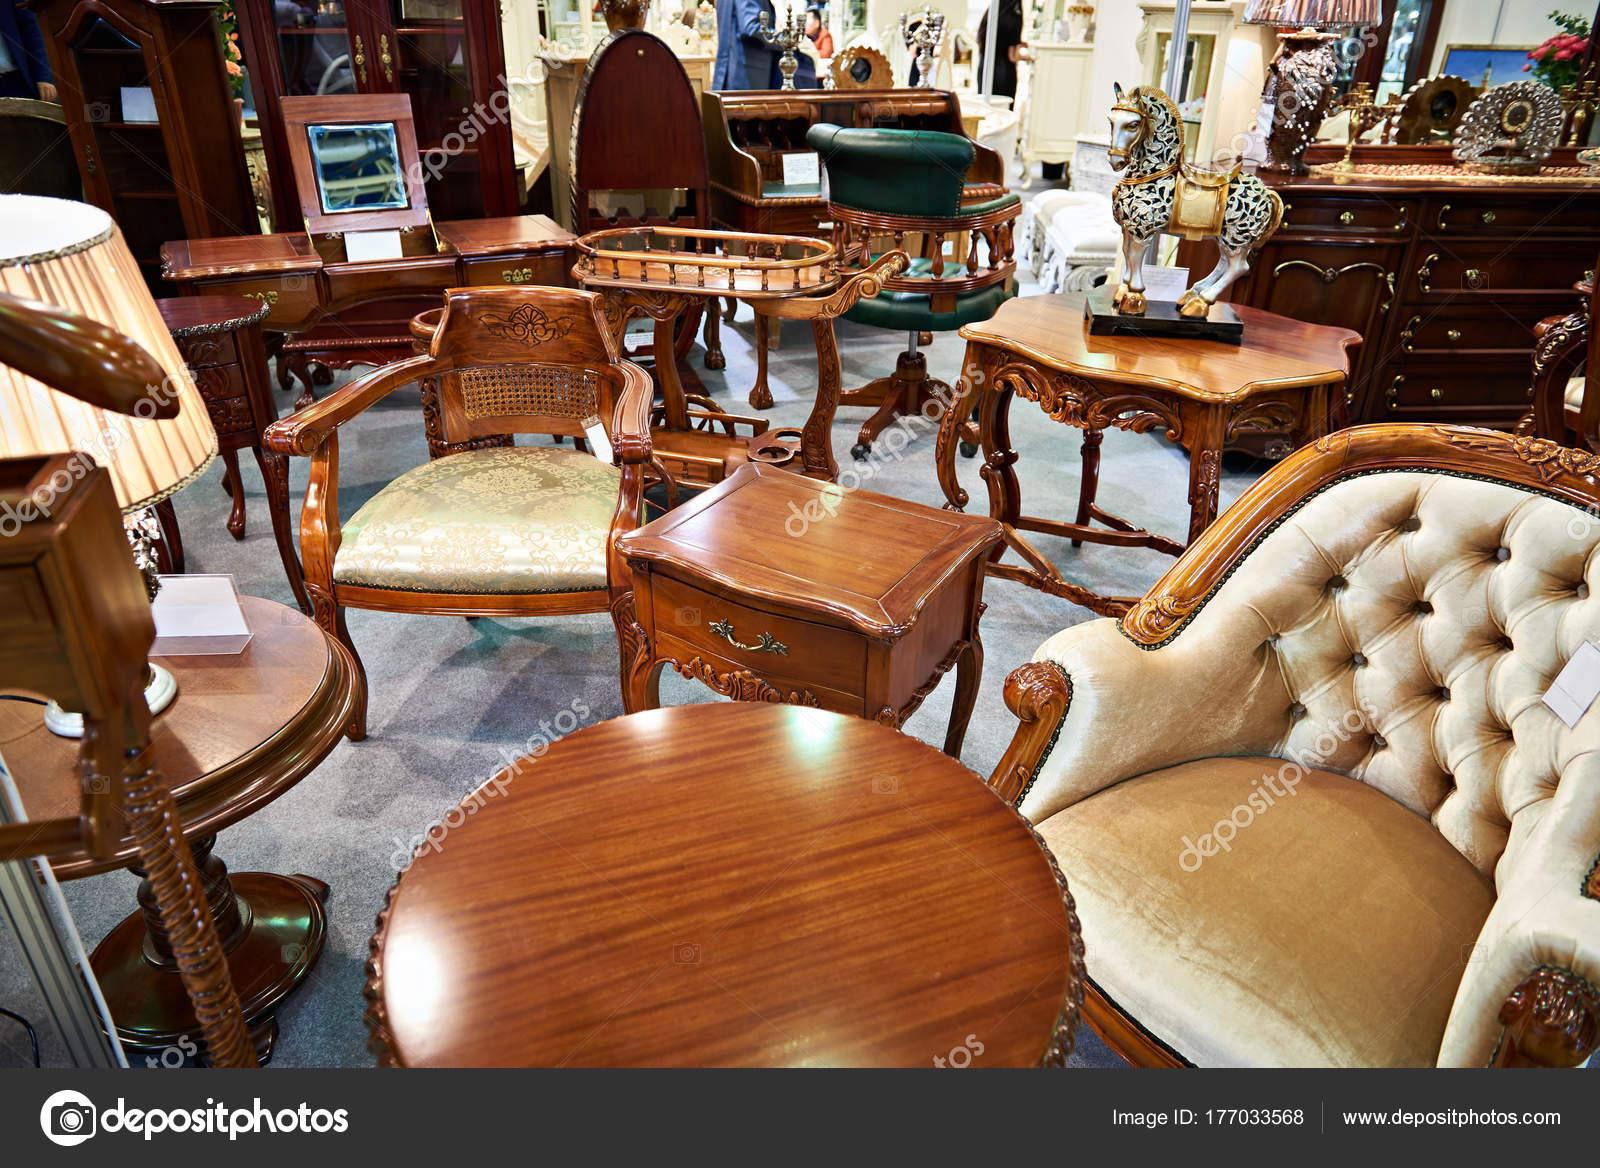 Tienda de muebles antiguos — Foto de stock © ryzhov #177033568